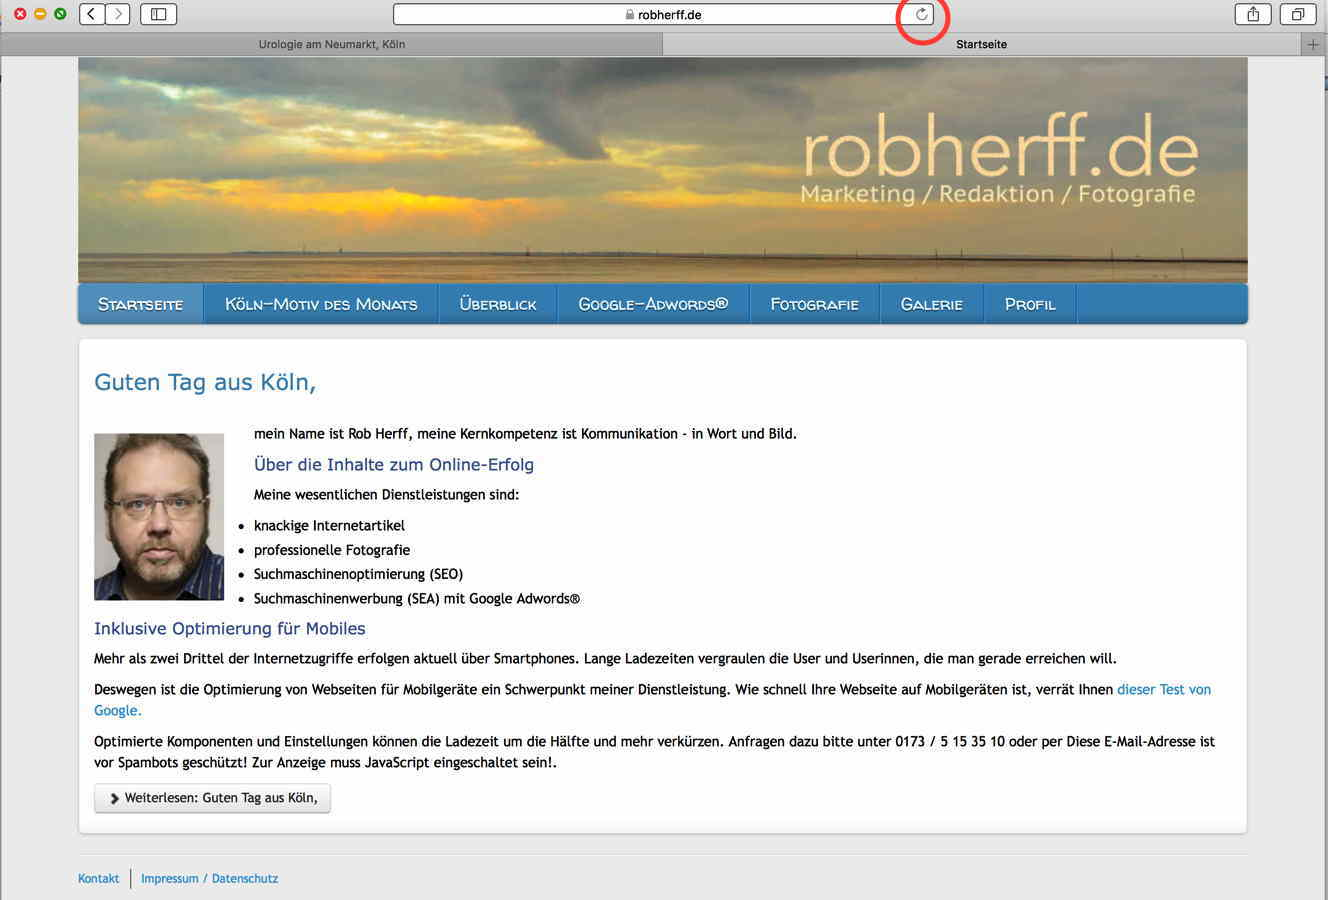 7a28dc3f80 Dieses Bild zeigt unsere Webseite wwwrobherff.de mit aktiviertem JavaScript  in korrekter Darstellung.